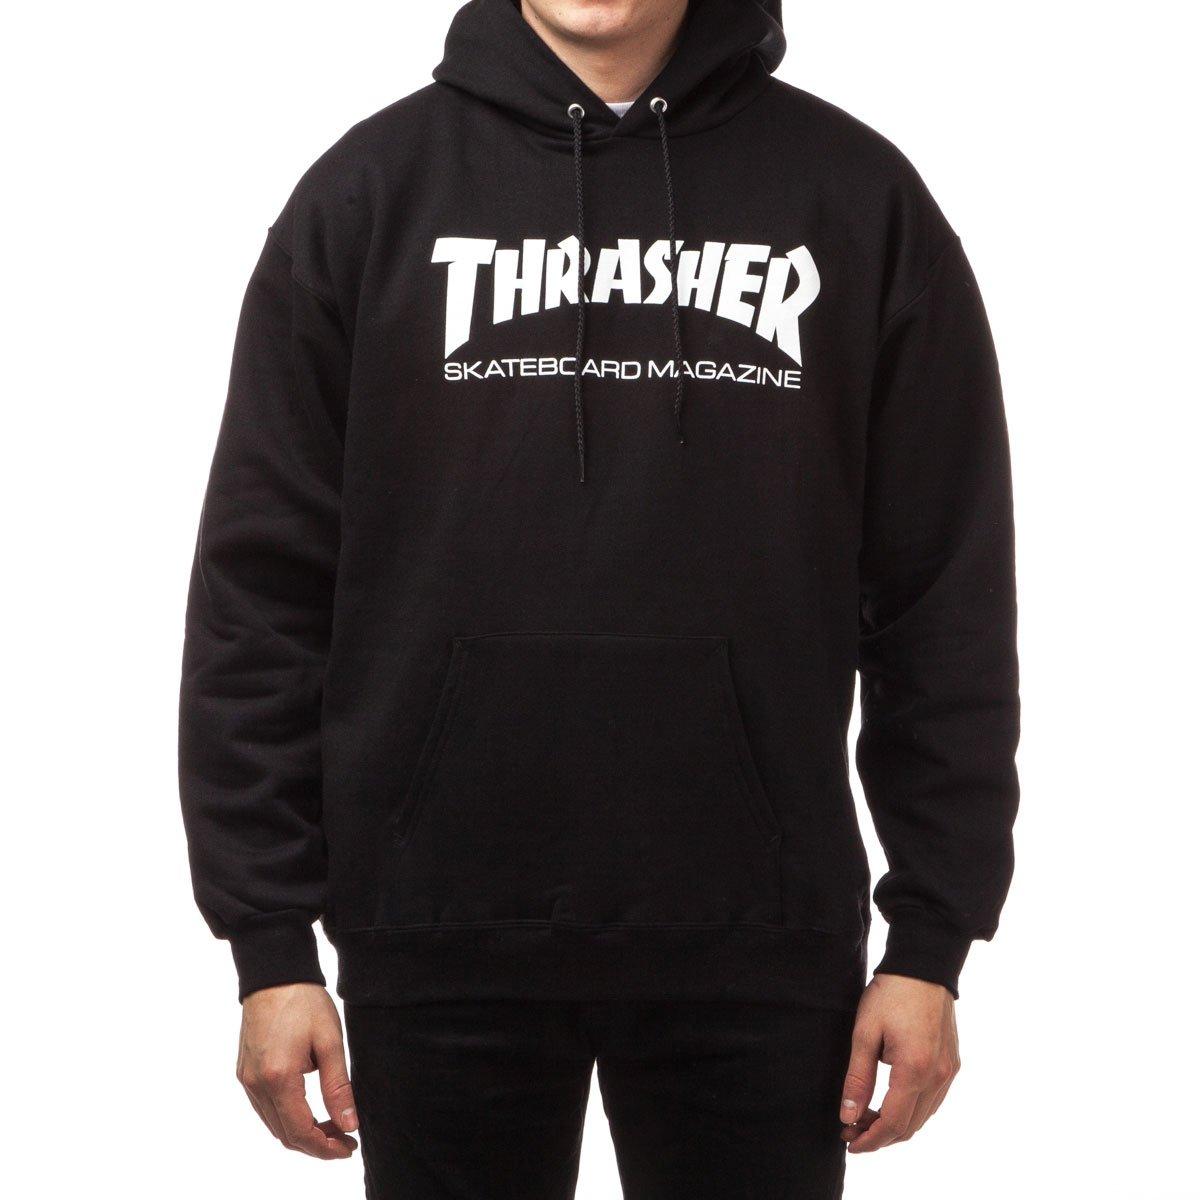 cb082cda1276 Amazon.com: Thrasher Skate Mag Hoodie - Black: Clothing